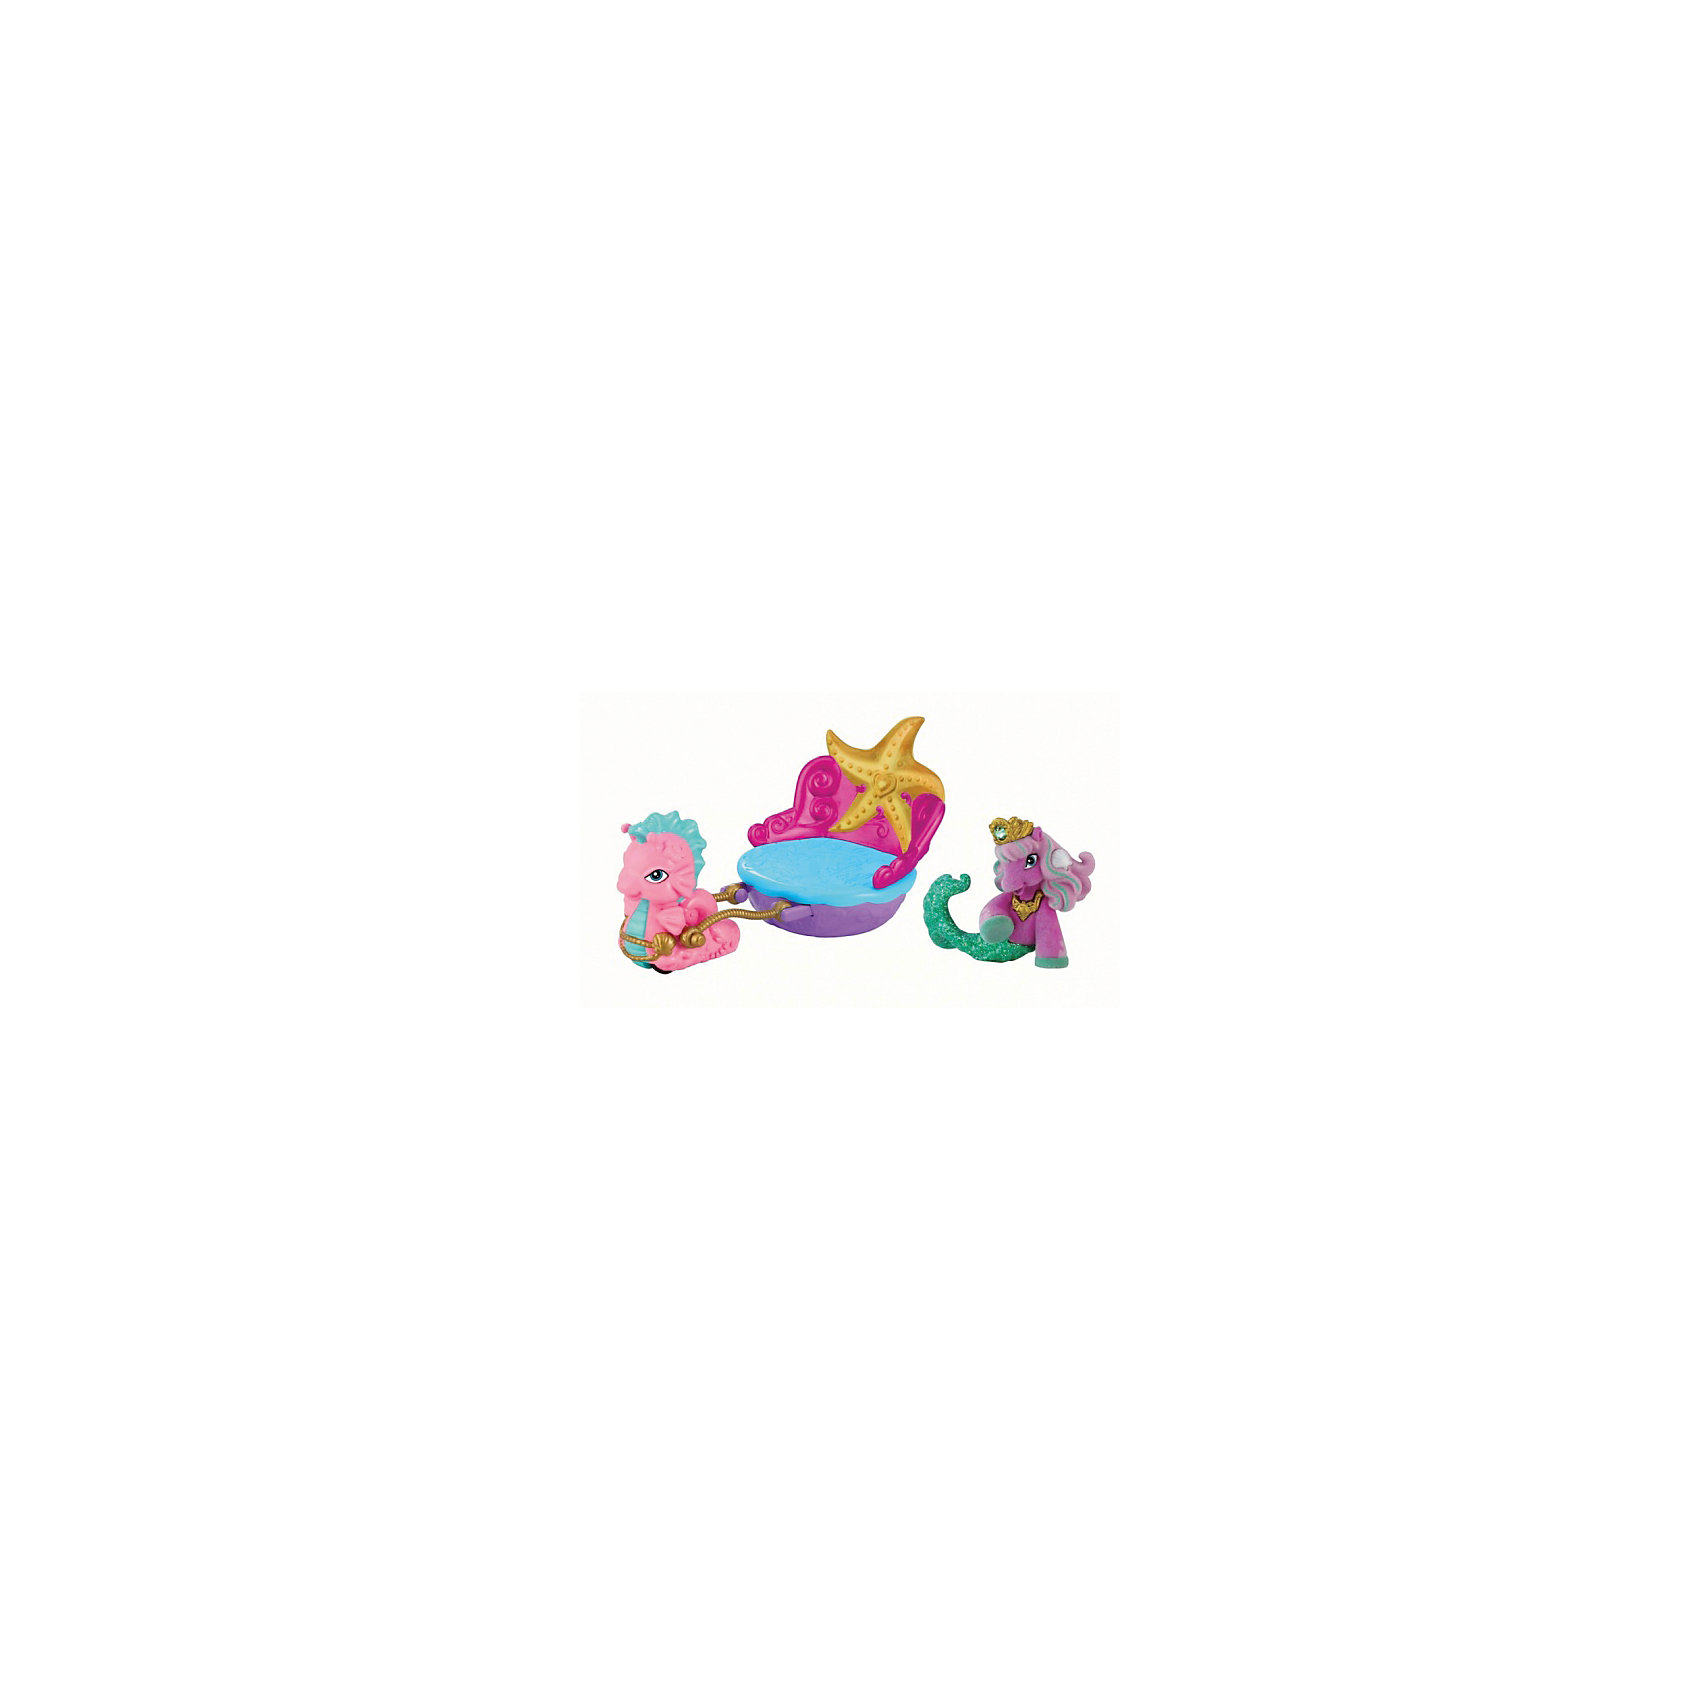 Набор игровой Подводный экипаж, Filly РусалочкиНабор игровой Подводный экипаж, Filly Русалочки – этот очаровательный игровой набор не оставит равнодушной ни одну девочку!<br>Набор игровой Filly Русалочки Подводный экипаж станет самым желанным подарком для любой маленькой девочки, которая любит играть с лошадками-русалками Filly живущими под водой в стране Коралии. Необычная морская карета-сидение сделана в виде раковины, выглядит по-царски: у нее роскошная узорчатая спинка, обрамленная золотом. Это настоящий праздничный транспорт для любимой лошадки-русалки Filly. Лошадка-русалка с шикарным хвостом сможет путешествовать по Коралии и навещать своих подруг и друзей! Карета управляется с помощью милого морского конька, который с удовольствием будет везти лошадку к назначенному пункту. Яркий набор подарит играм юной принцессы новые сценарии, что отлично скажется на воображении, фантазии и мелкой моторике. Фигурка лошадки-русалочки сделана из высококачественного пластика и покрыта мягким флоком. Все детали, из которых сделаны игрушки, прочны и безопасны, а их высокое качество прошло строгий контроль.<br><br>Дополнительная информация:<br><br>- В наборе: лошадка, питомец, карета<br>- Материал: пластик, флок<br>- Размер упаковки: 27,5 х 10 х 9 см.<br>- Вес: 200 гр.<br><br>Набор игровой Подводный экипаж, Filly (Филли) Русалочки можно купить в нашем интернет-магазине.<br><br>Ширина мм: 275<br>Глубина мм: 100<br>Высота мм: 90<br>Вес г: 200<br>Возраст от месяцев: 36<br>Возраст до месяцев: 84<br>Пол: Женский<br>Возраст: Детский<br>SKU: 4201455